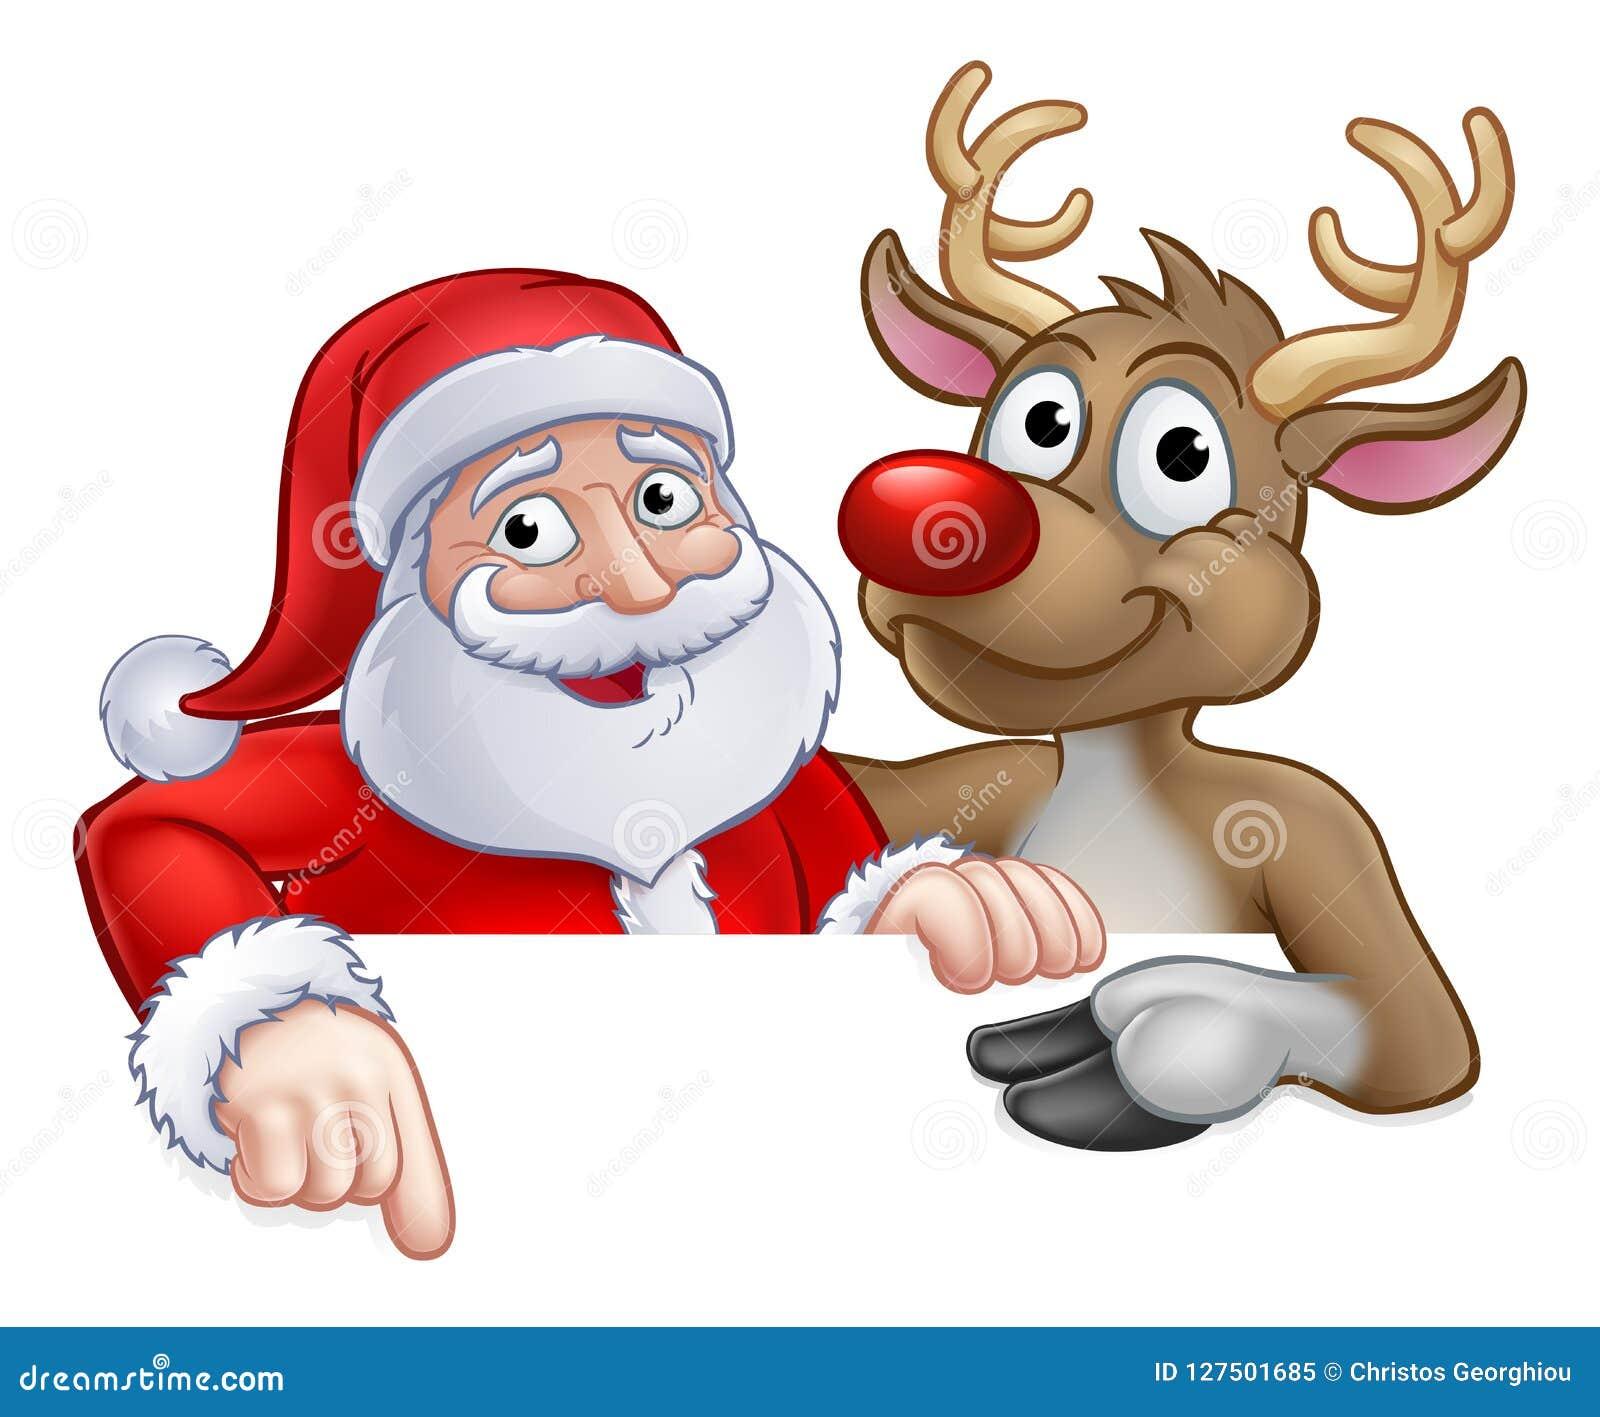 Imagenes De Papa Noel Animado.Papa Noel Y Personaje De Dibujos Animados De La Navidad Del